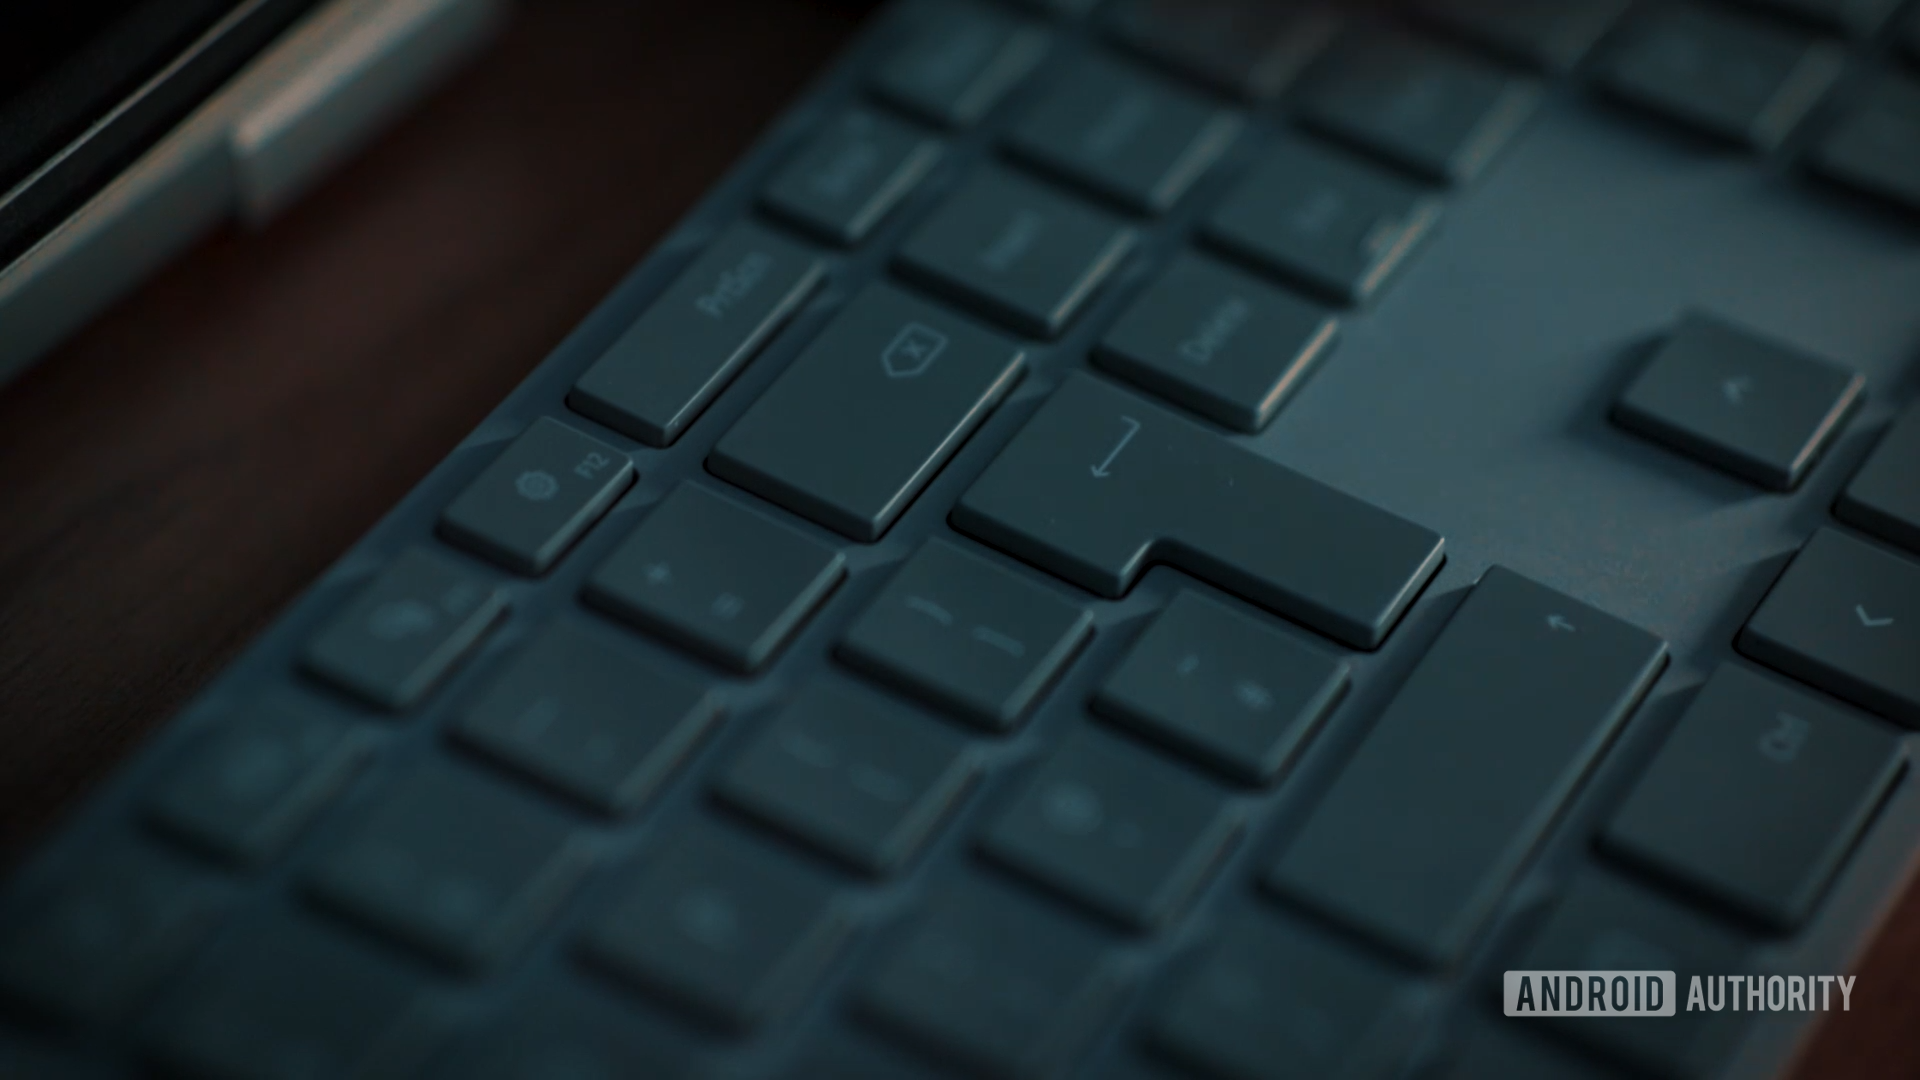 Keyboard Typing Coding